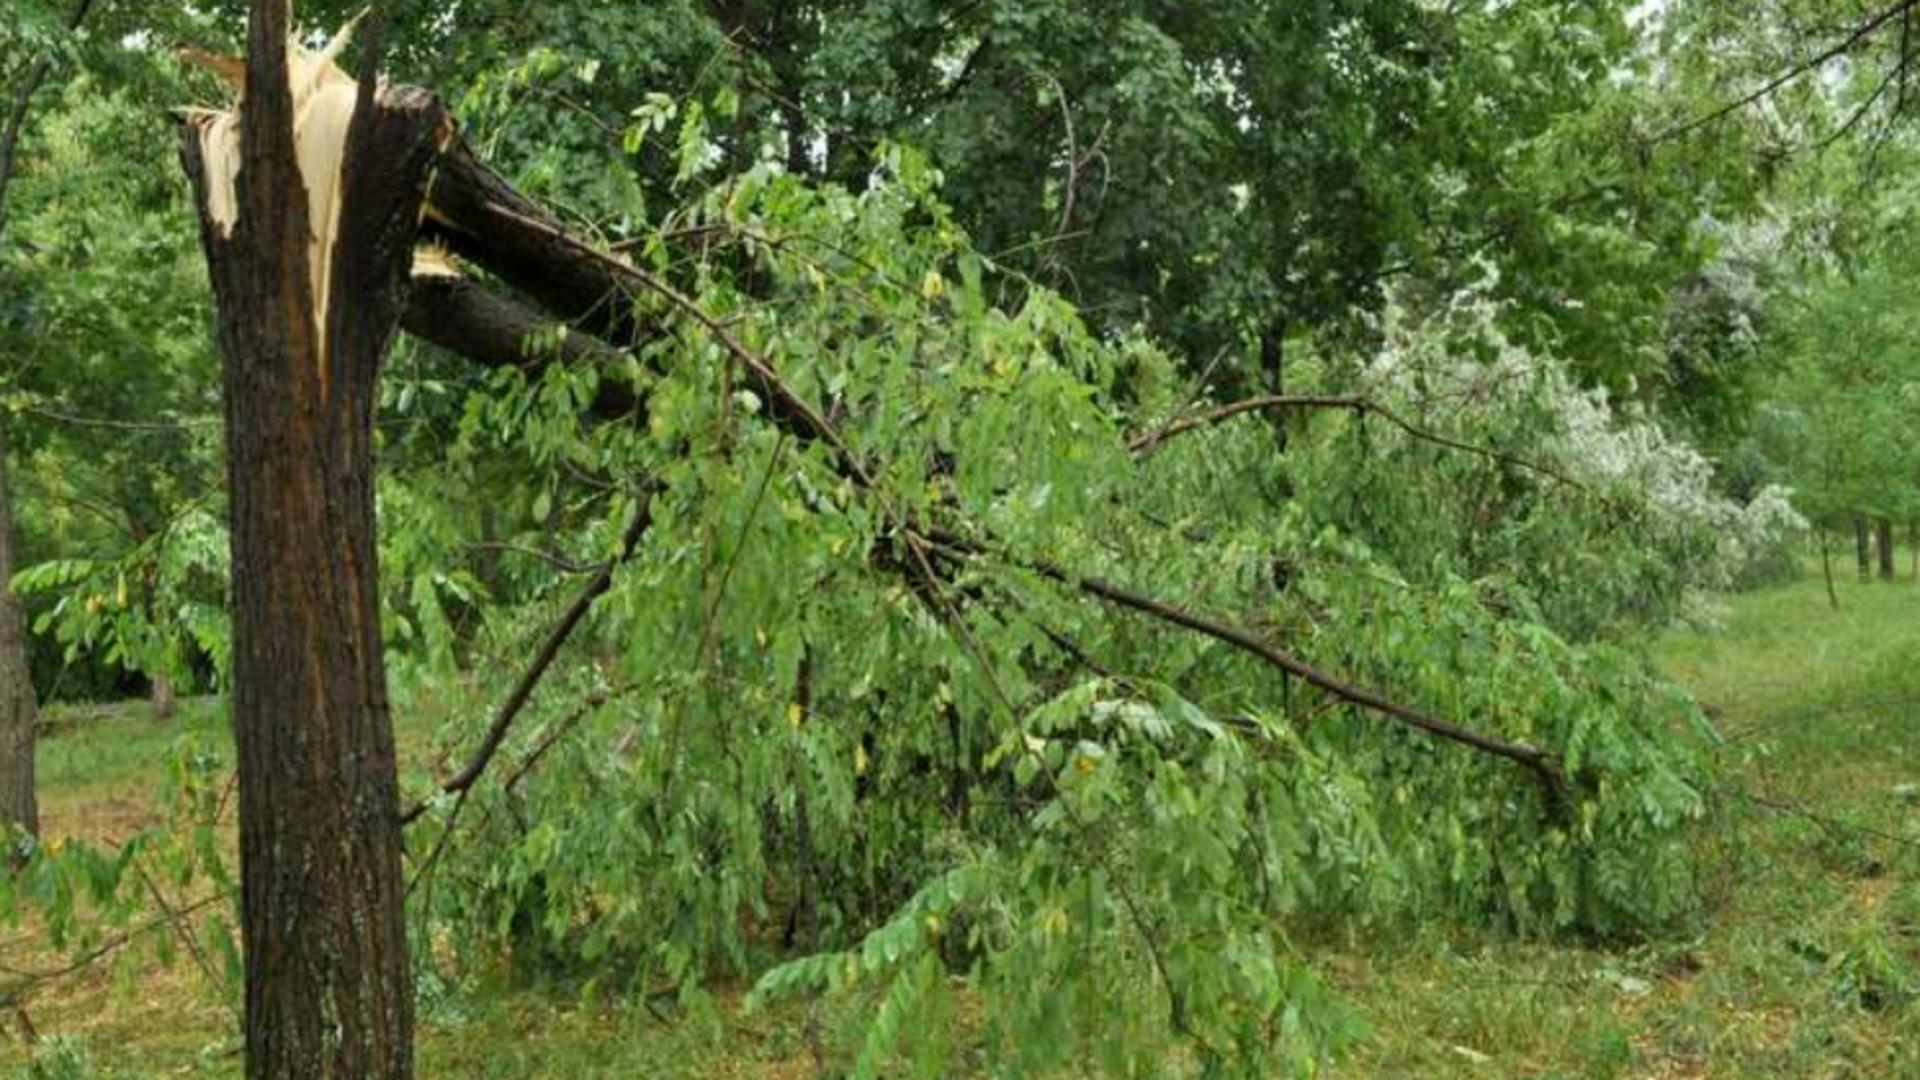 Copac prăbușit - imagine de arhivă